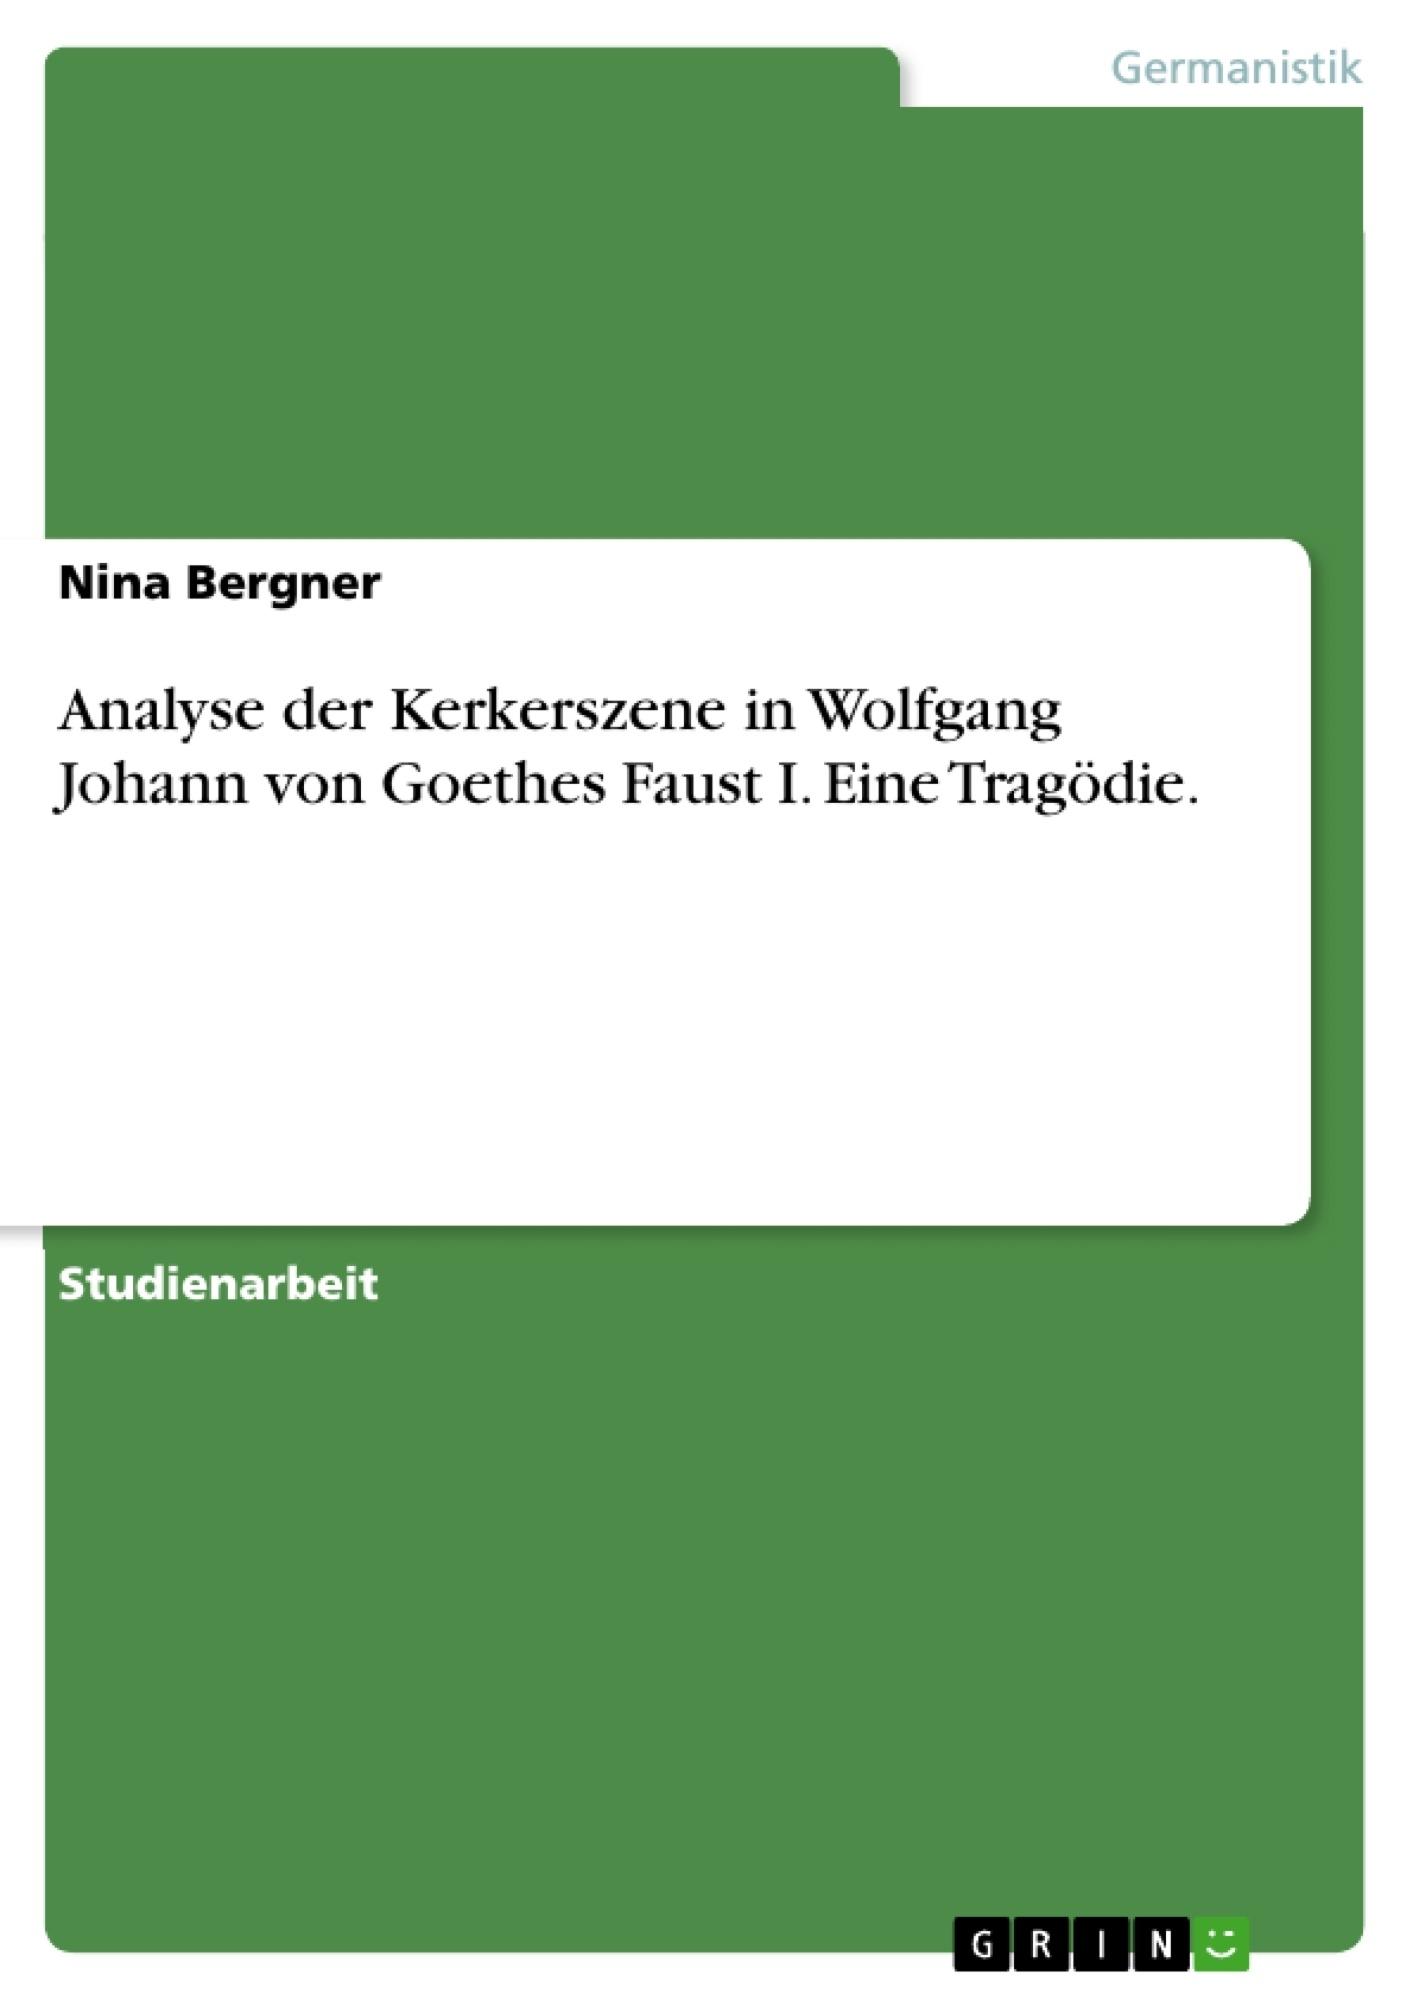 Titel: Analyse der Kerkerszene in Wolfgang Johann von Goethes Faust I. Eine Tragödie.